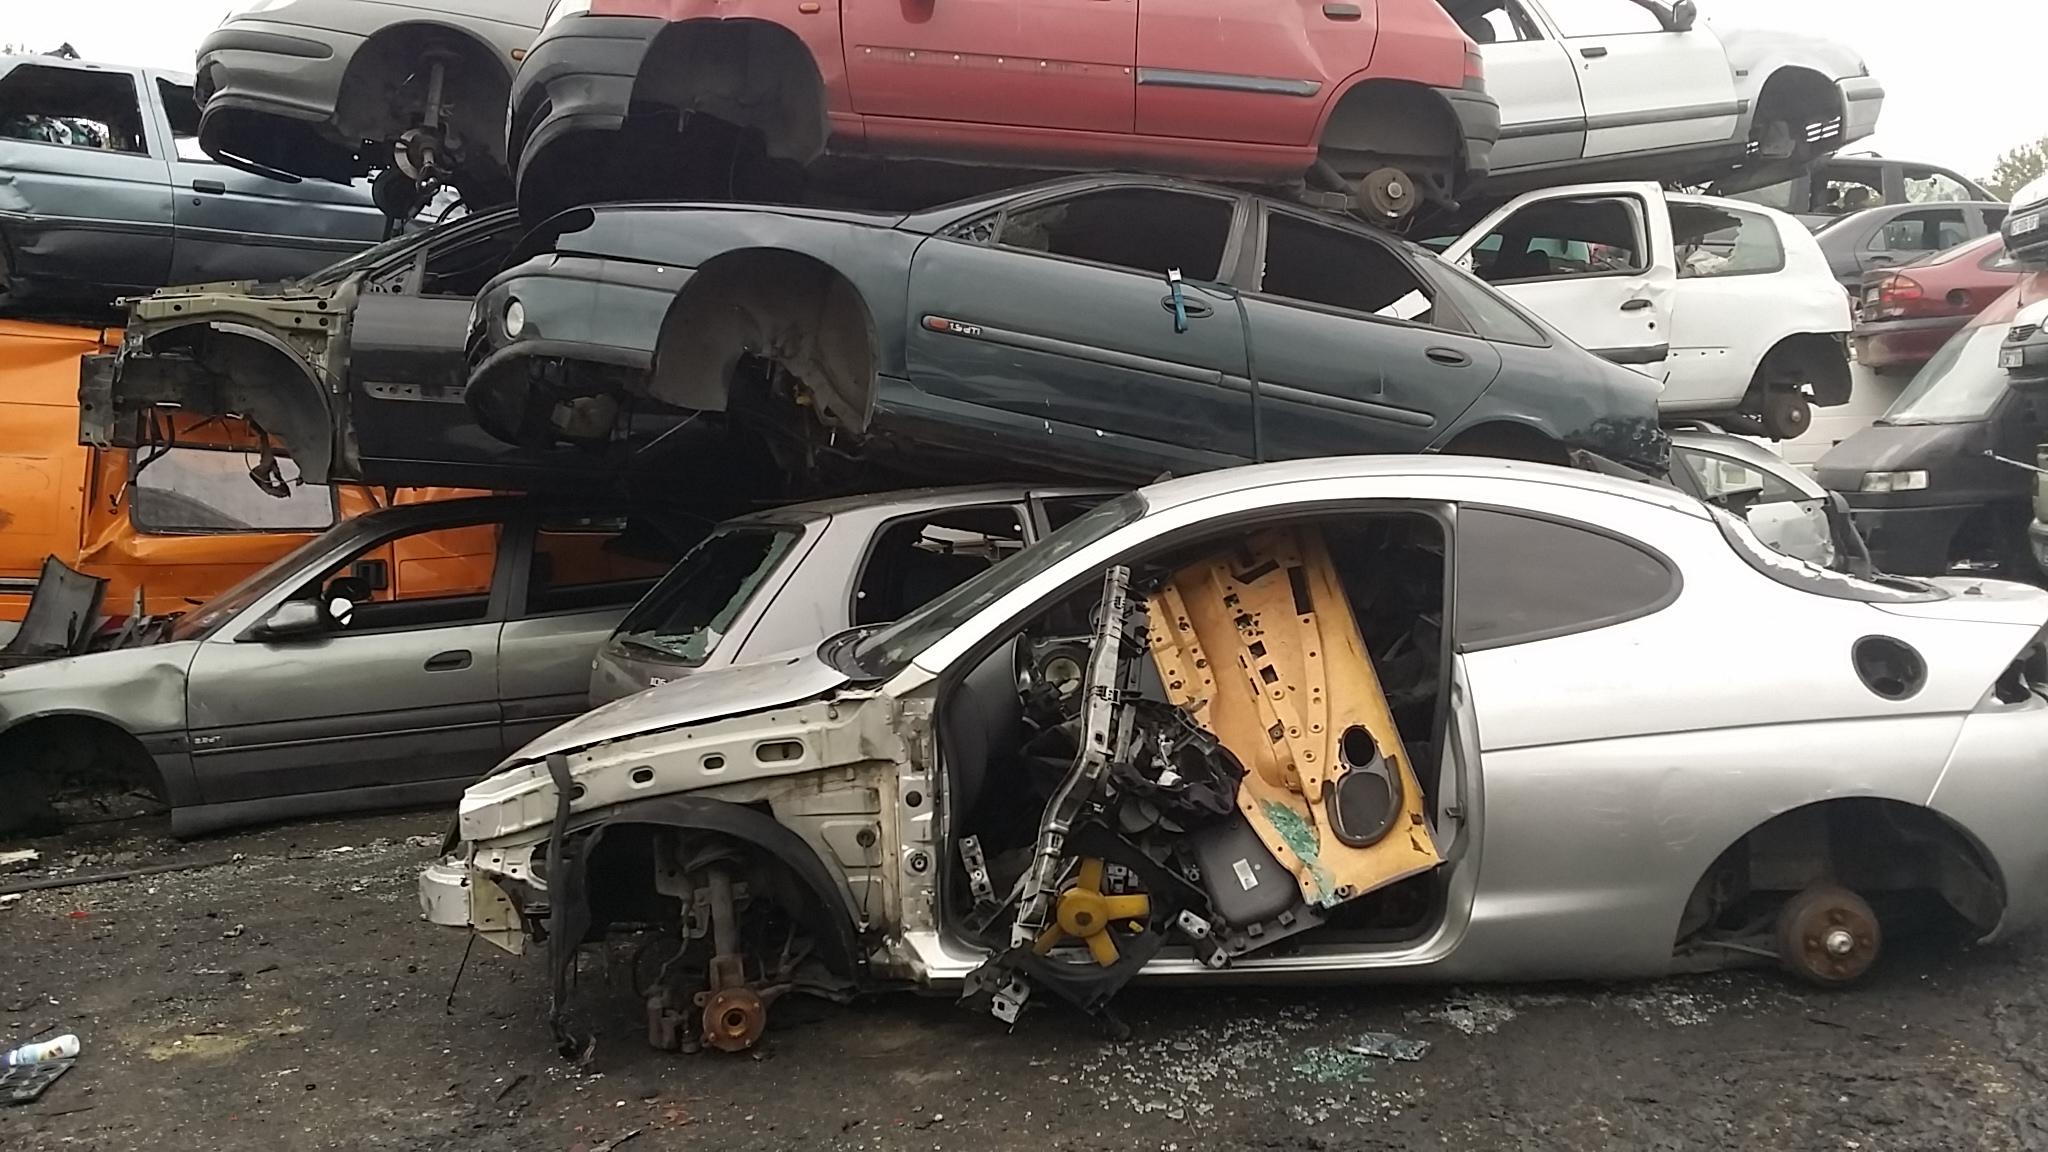 Rachat voiture epave hs panne accidentee gagee Montfermeil